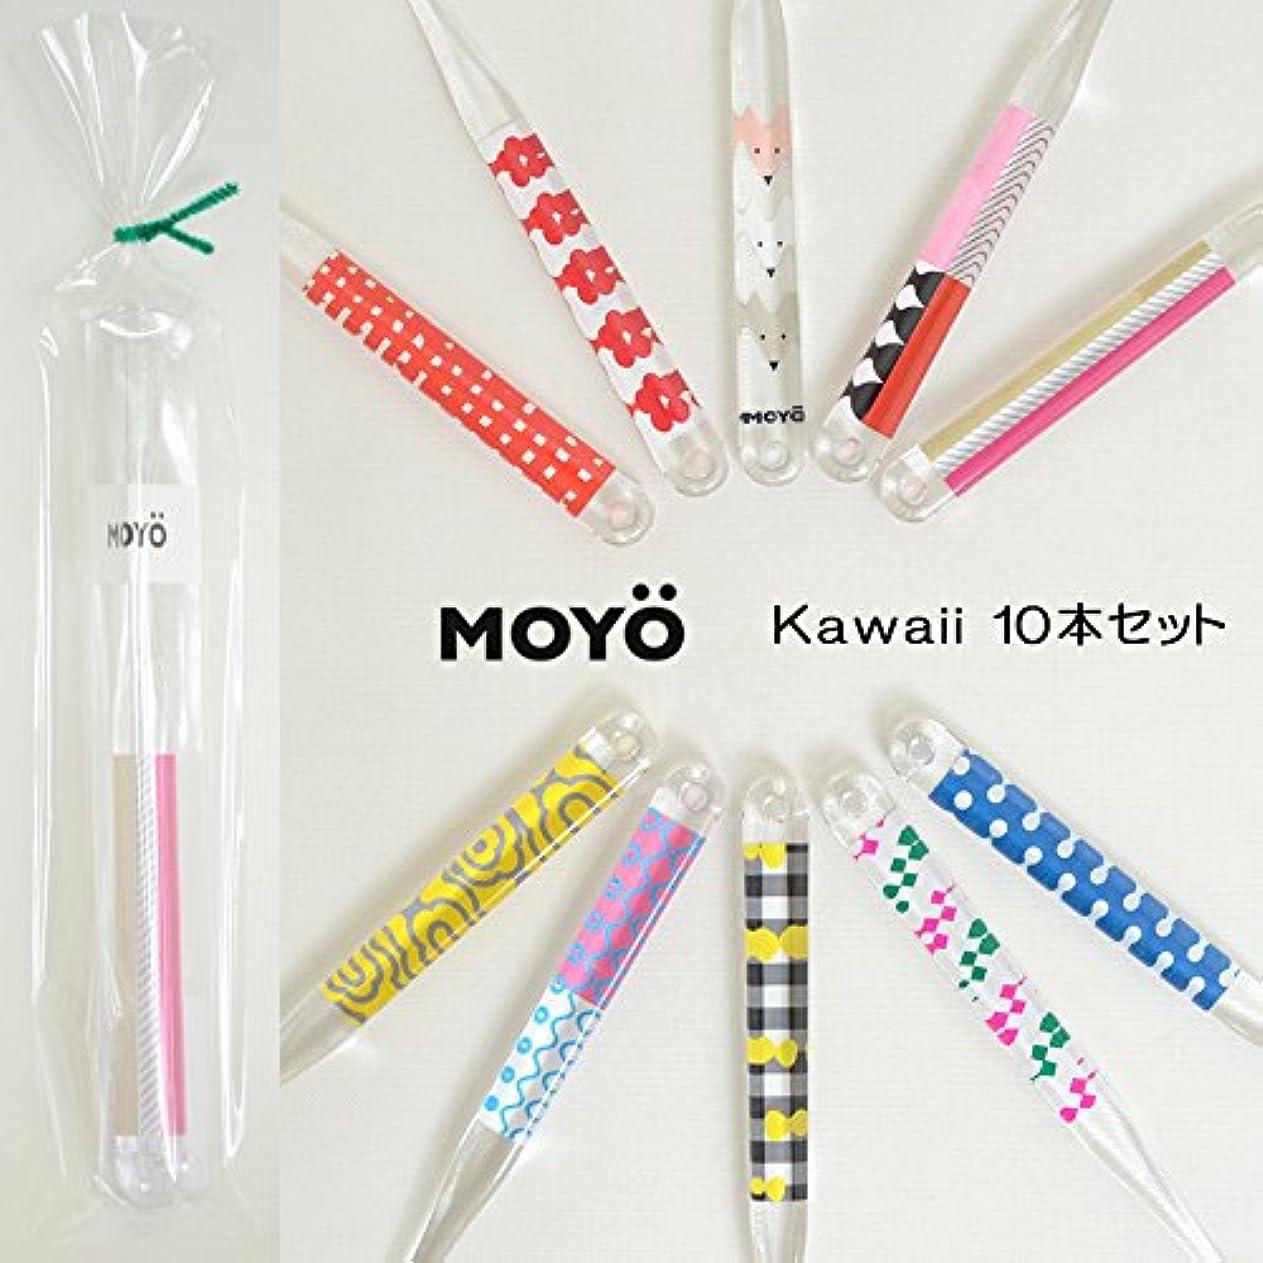 価値のないチャンピオン定期的にMOYO モヨウ kawaii10本 プチ ギフト セット_562302-kawaii2 【F】,kawaii10本セット